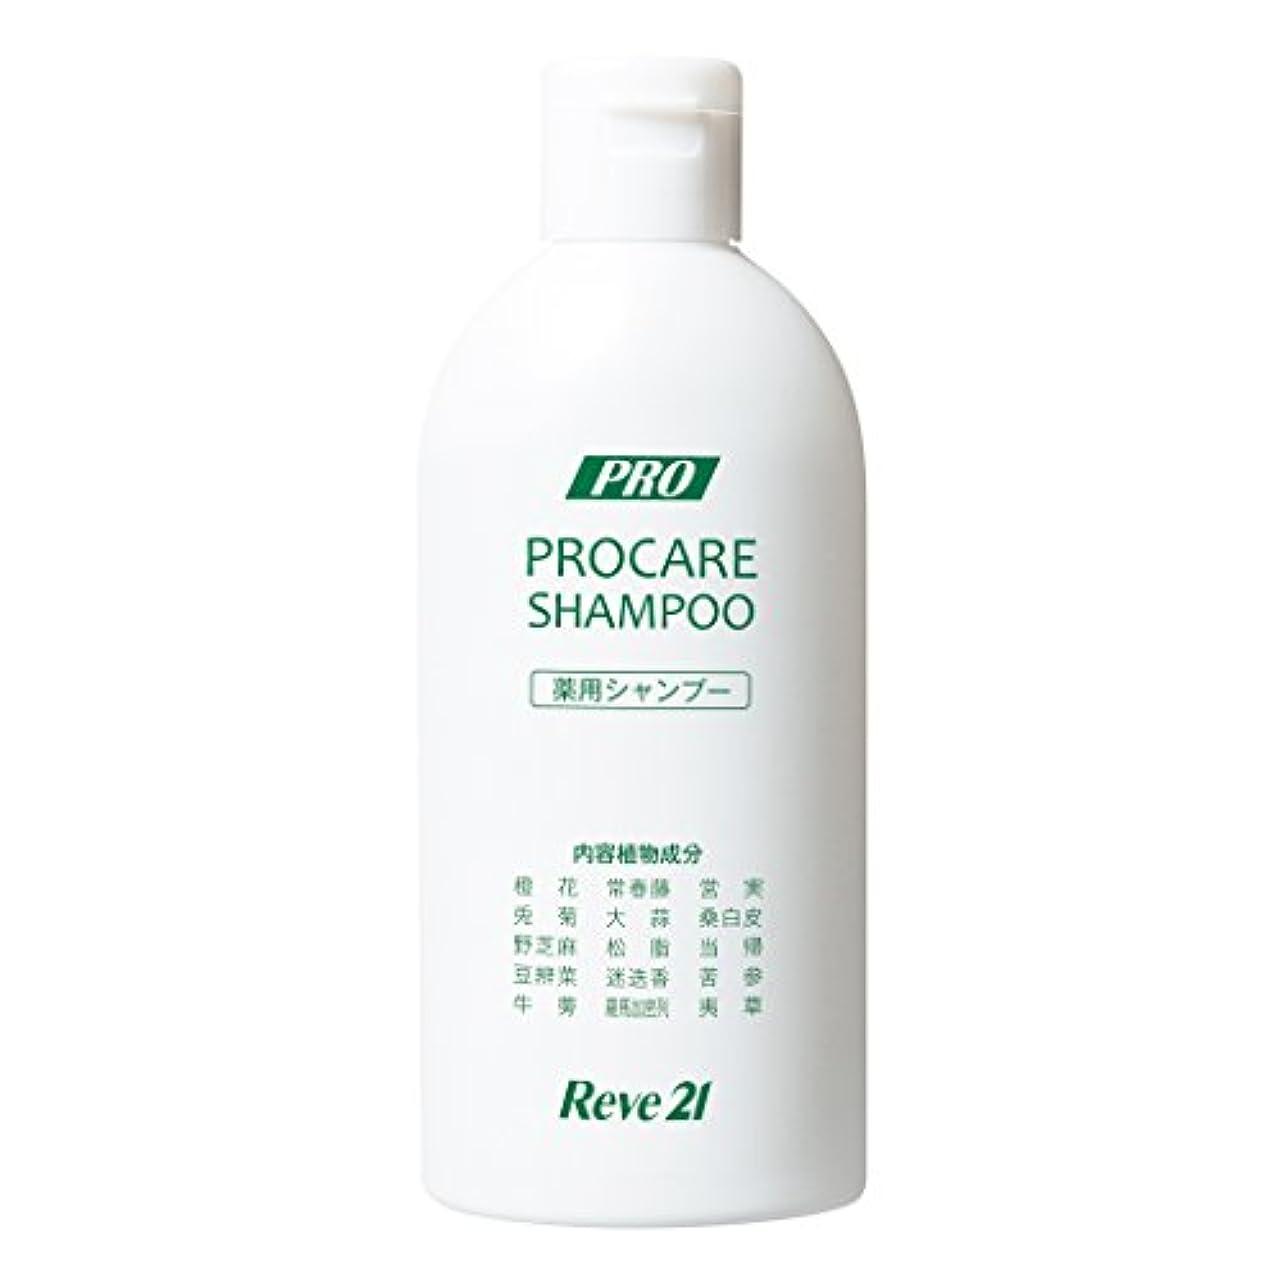 多用途ゴールマエストロリーブ21 薬用プロケアシャンプー 200ml[医薬部外品] 育毛 発毛 育毛シャンプー